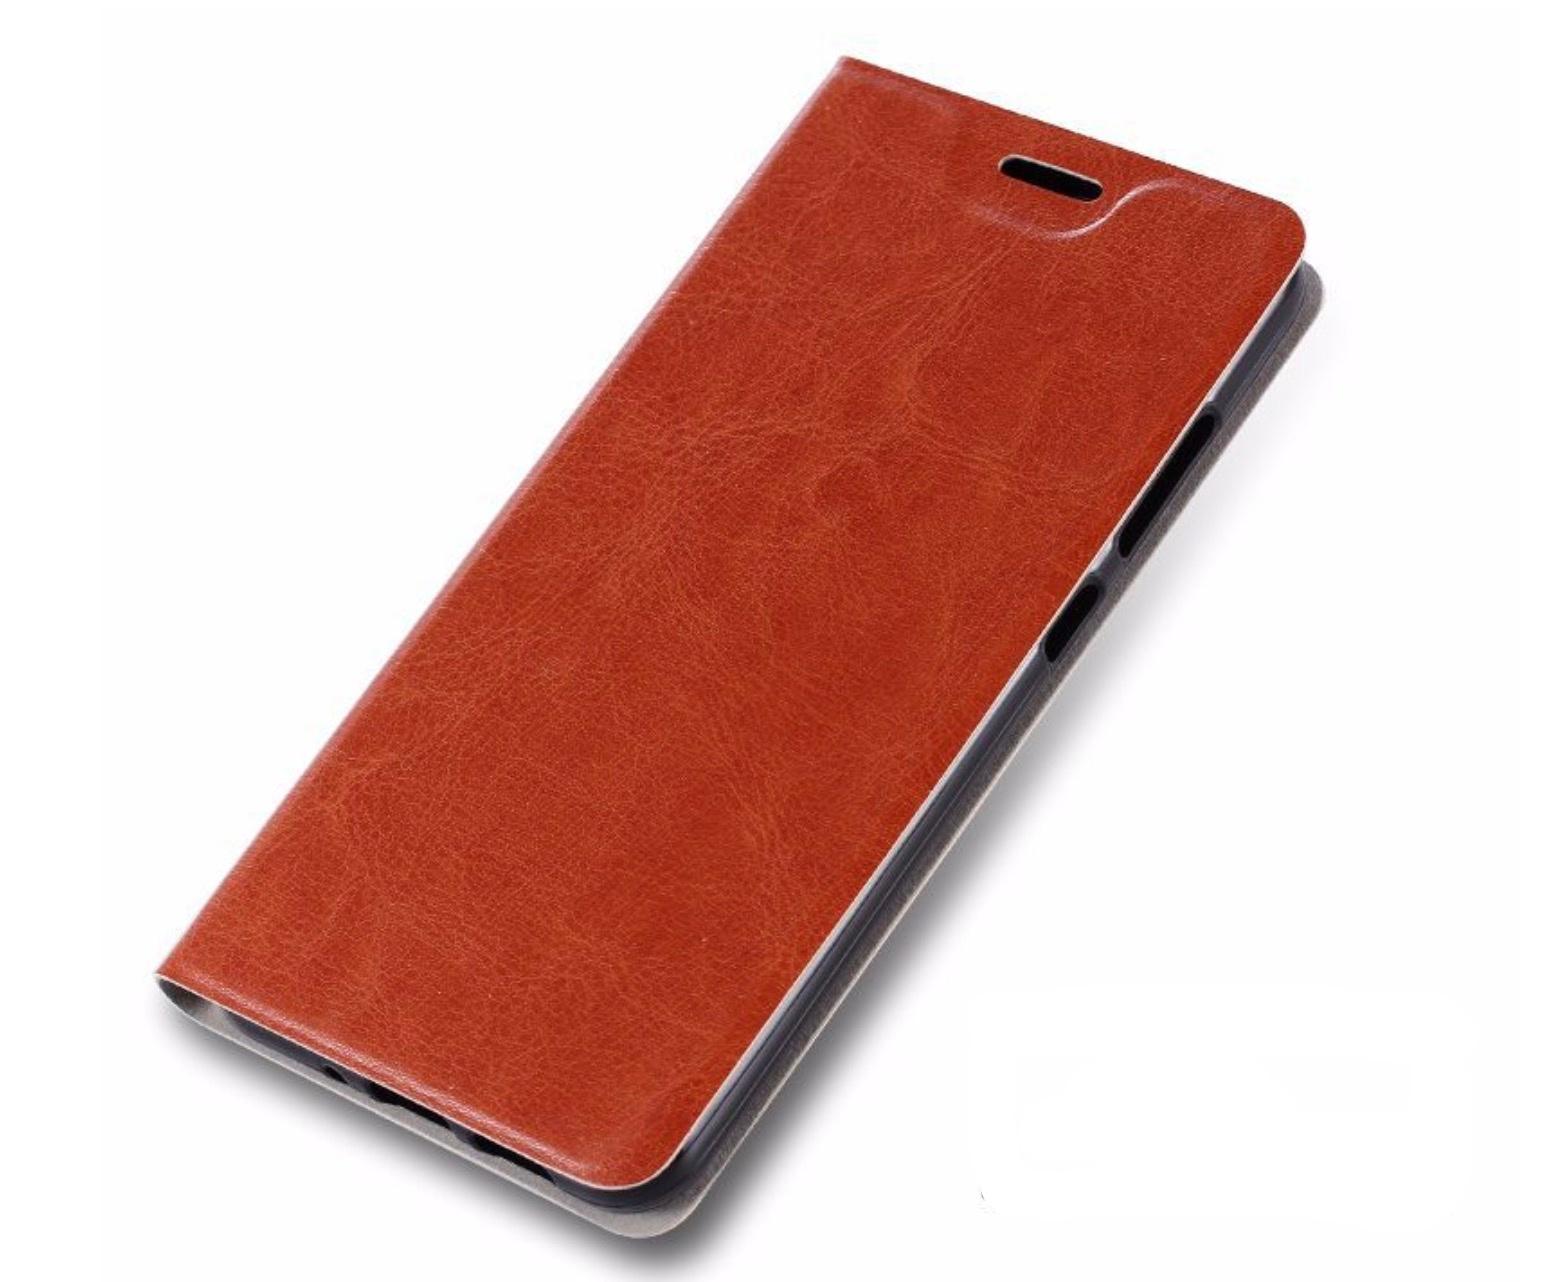 Чехол-книжка MyPads для Asus Zenfone 4 Max ZC554KL на жёсткой металлической основе коричневый чехол книжка mypads для asus zenfone 4 selfie pro zd552kl на жёсткой металлической основе розовый